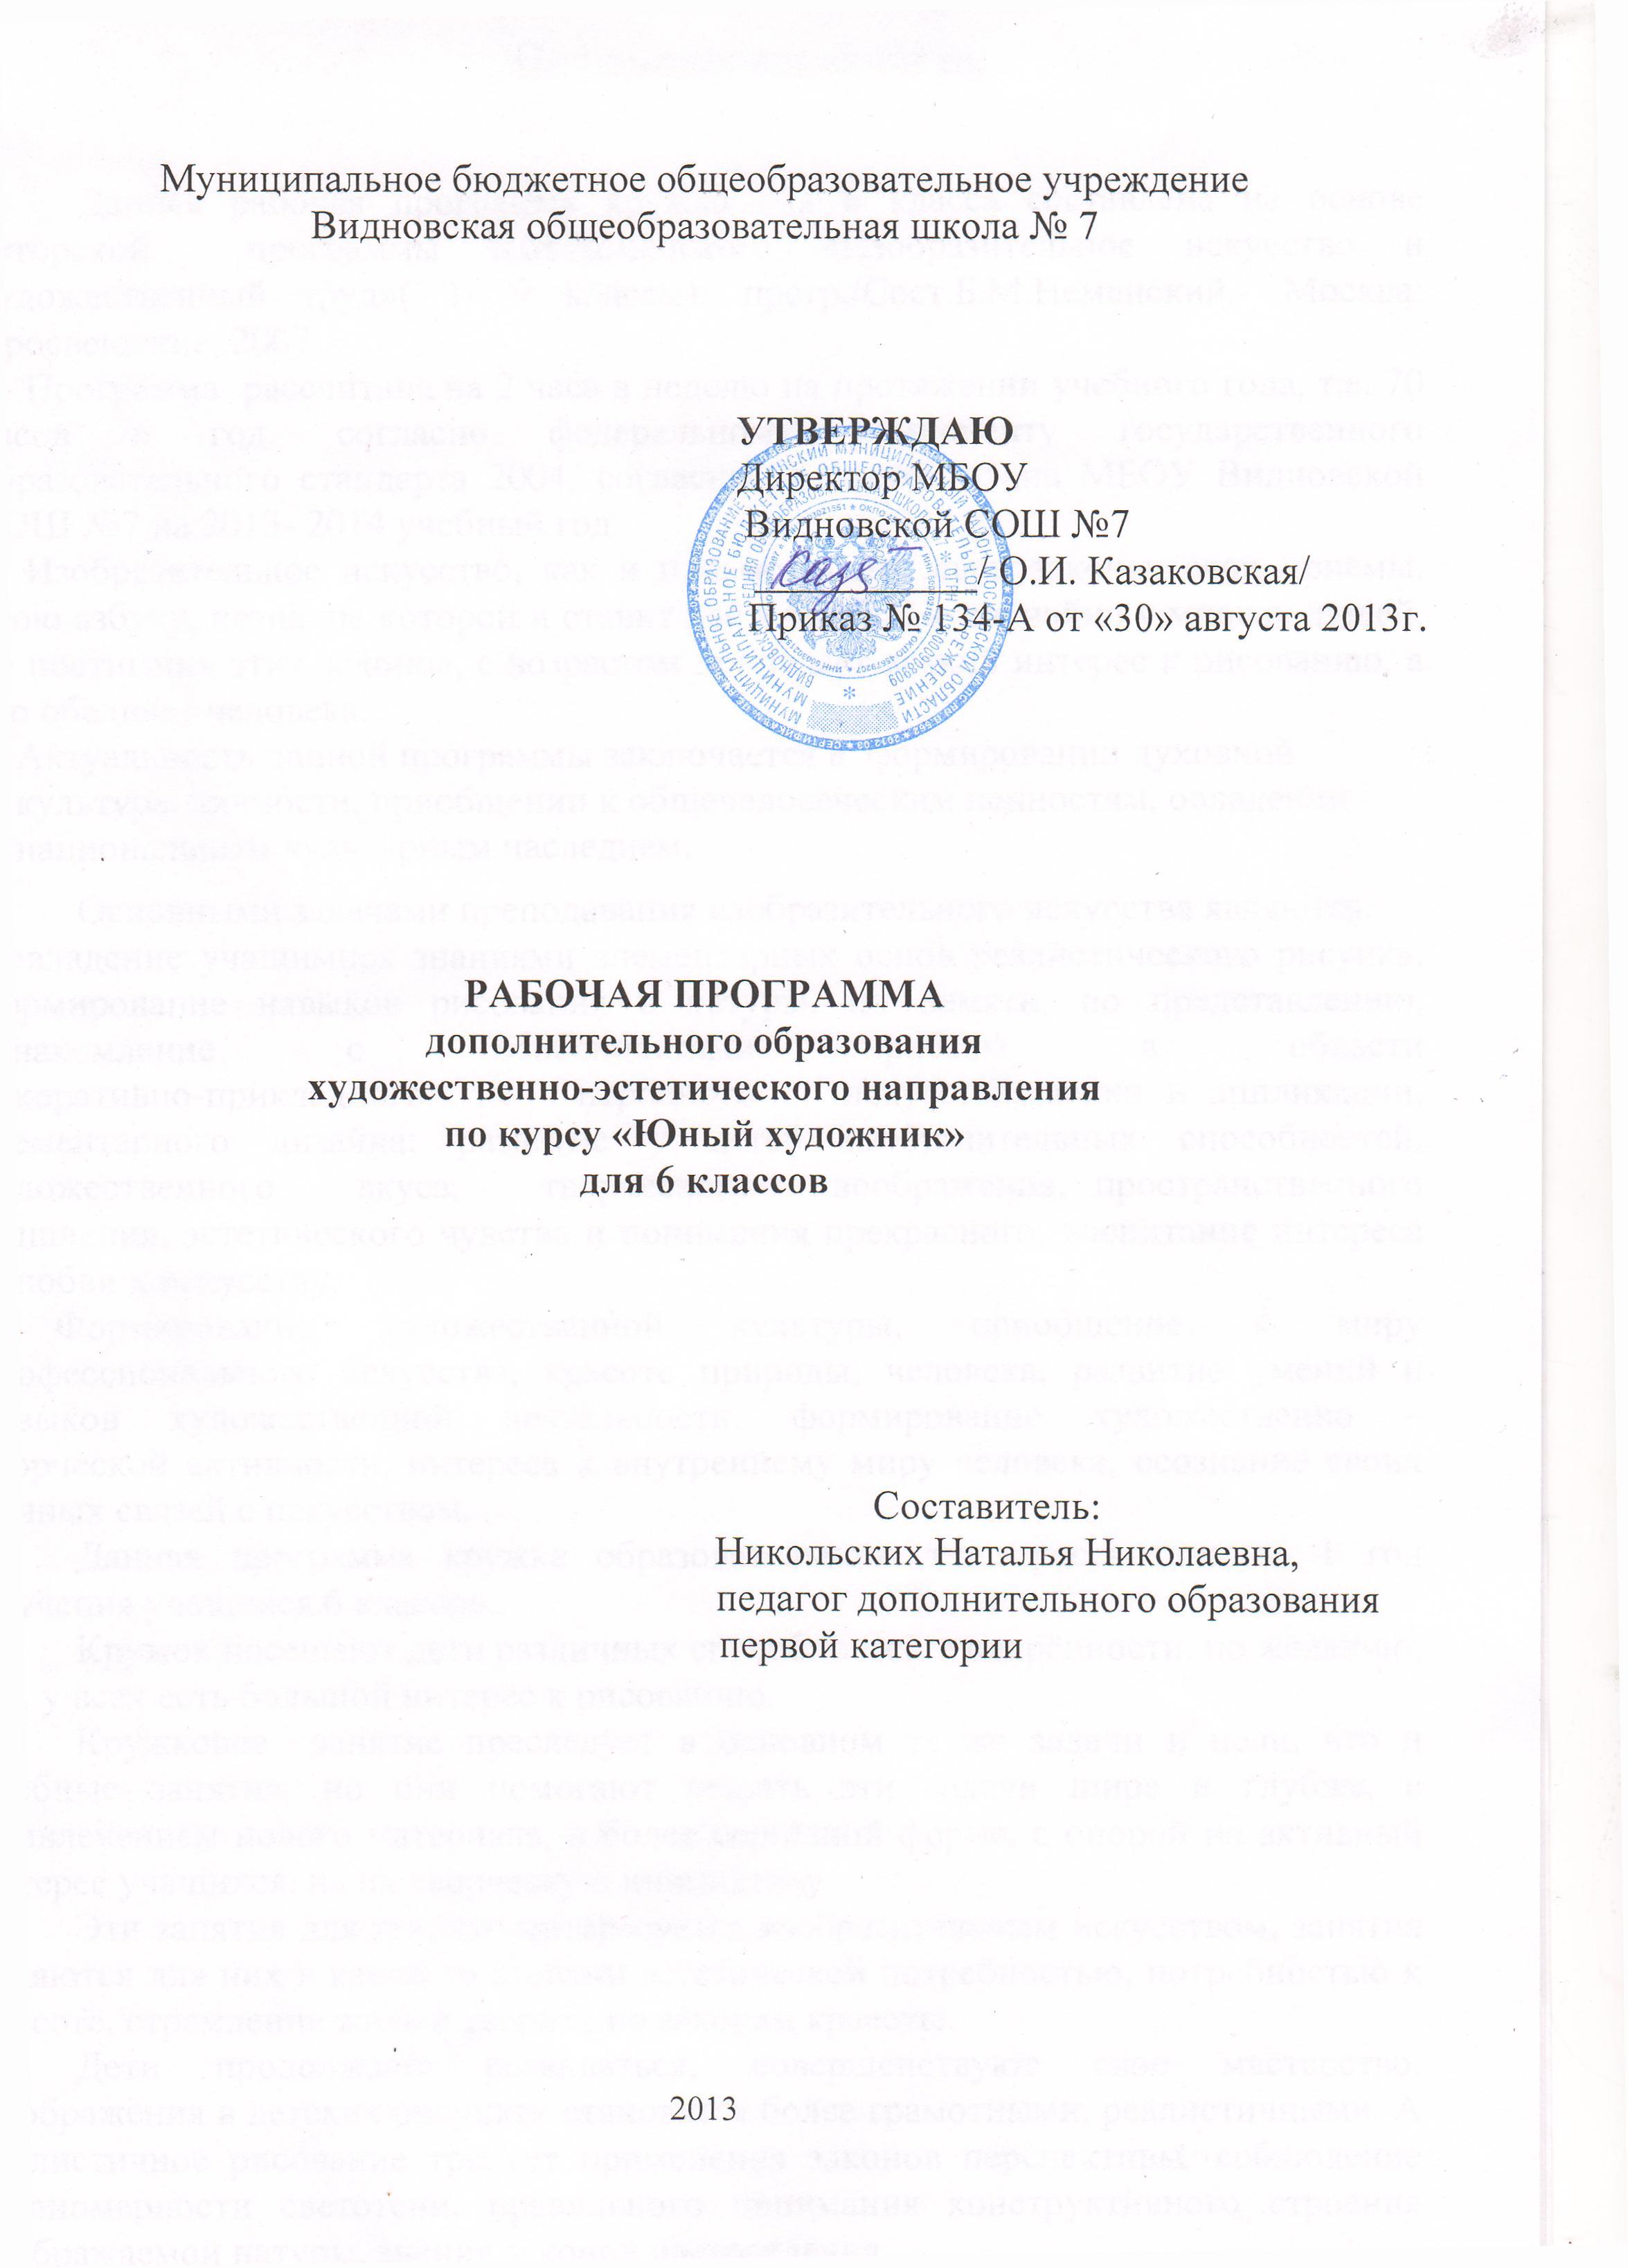 C:\Users\Наталья\Desktop\Программы и отчеты по доп.образованию\1 - 0004.jpg